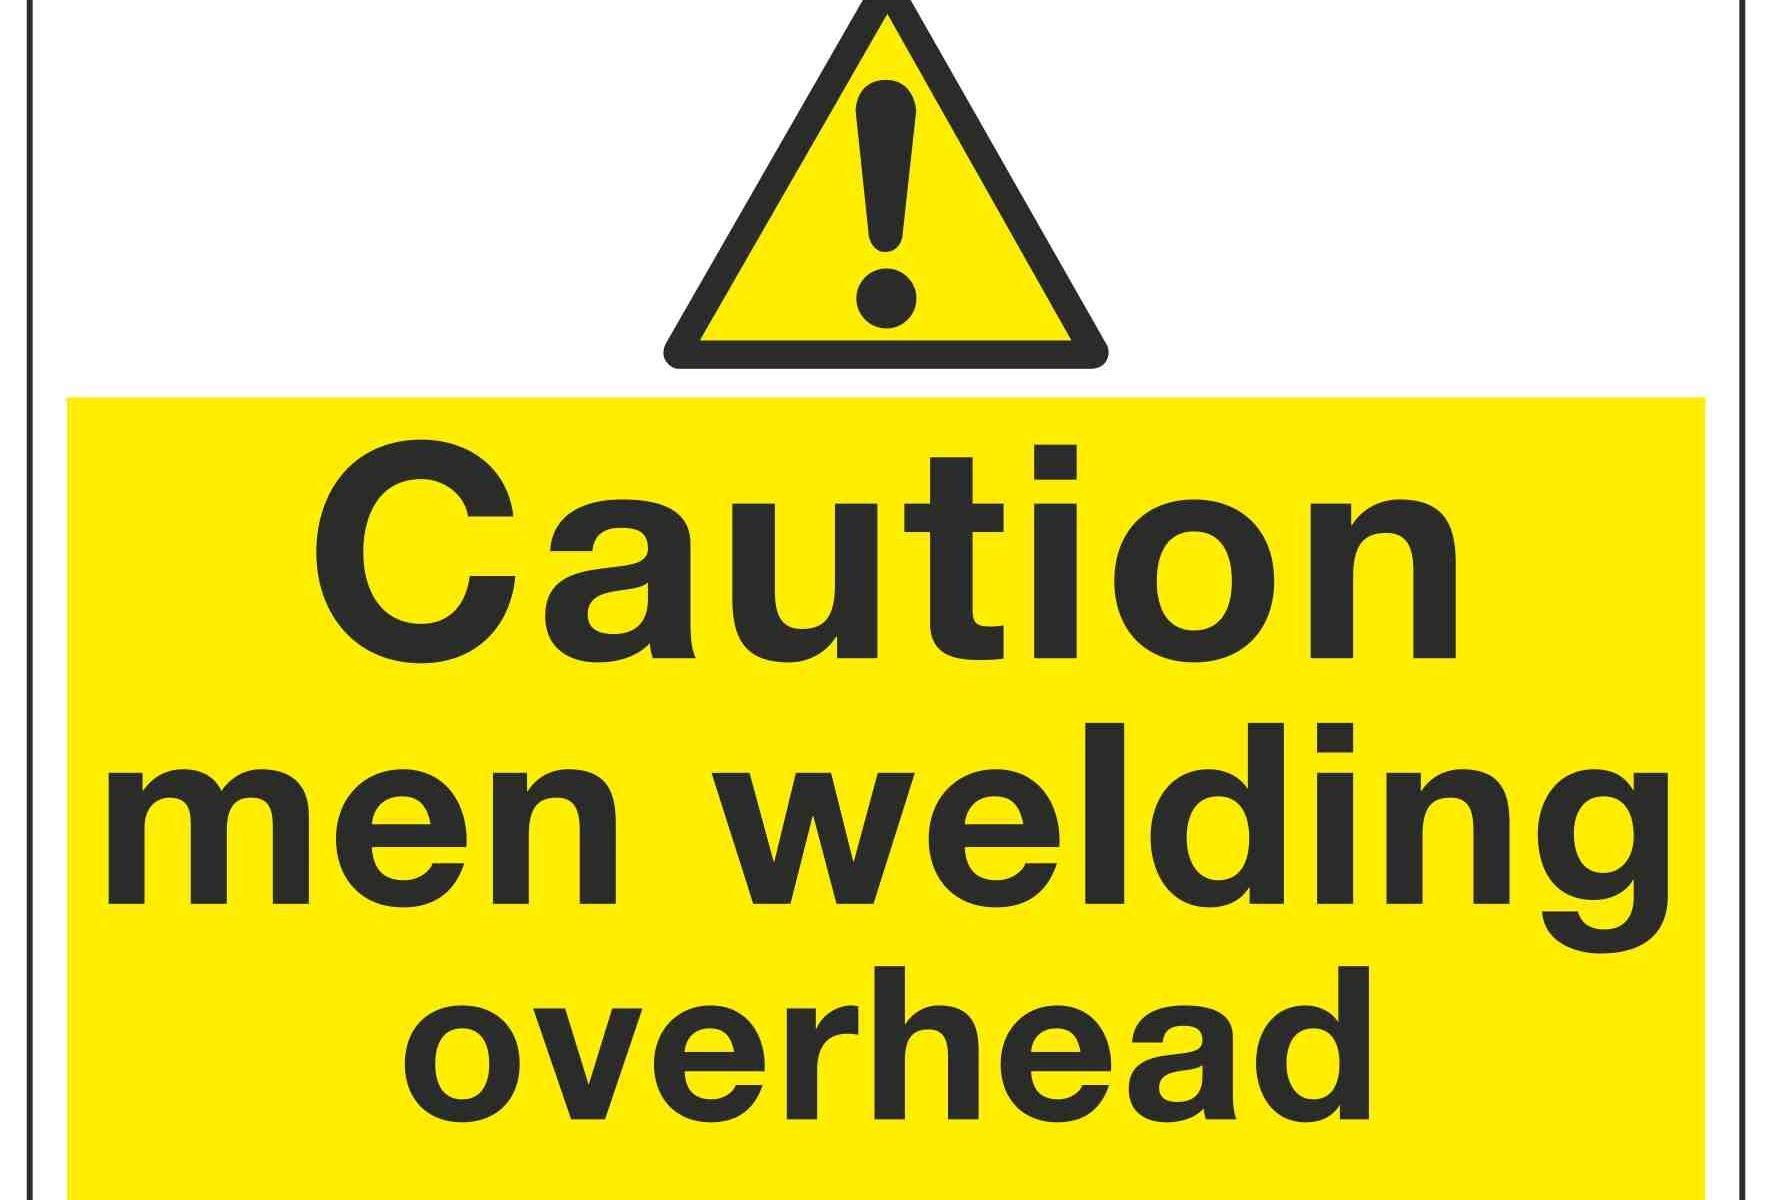 Caution men welding overhead